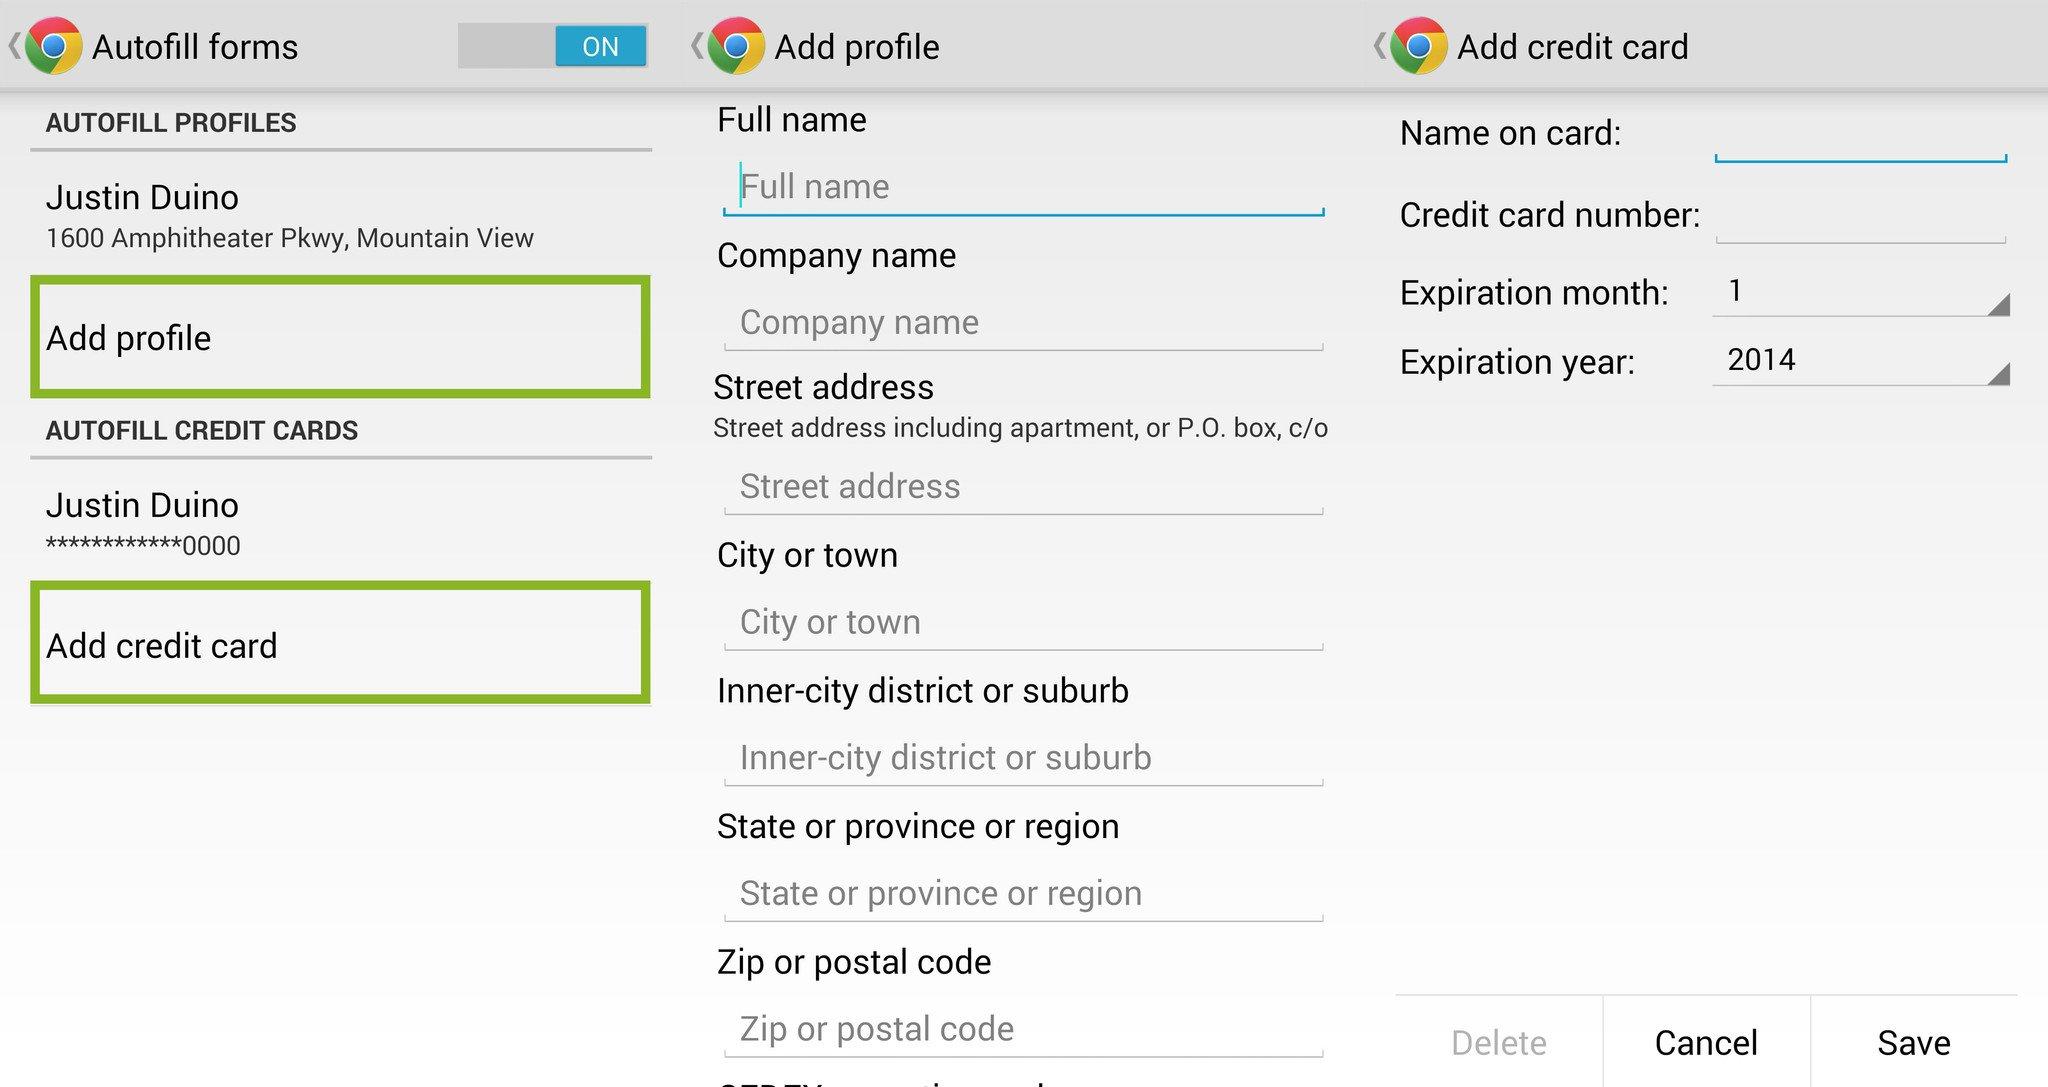 Chrome Autofill Add Profile